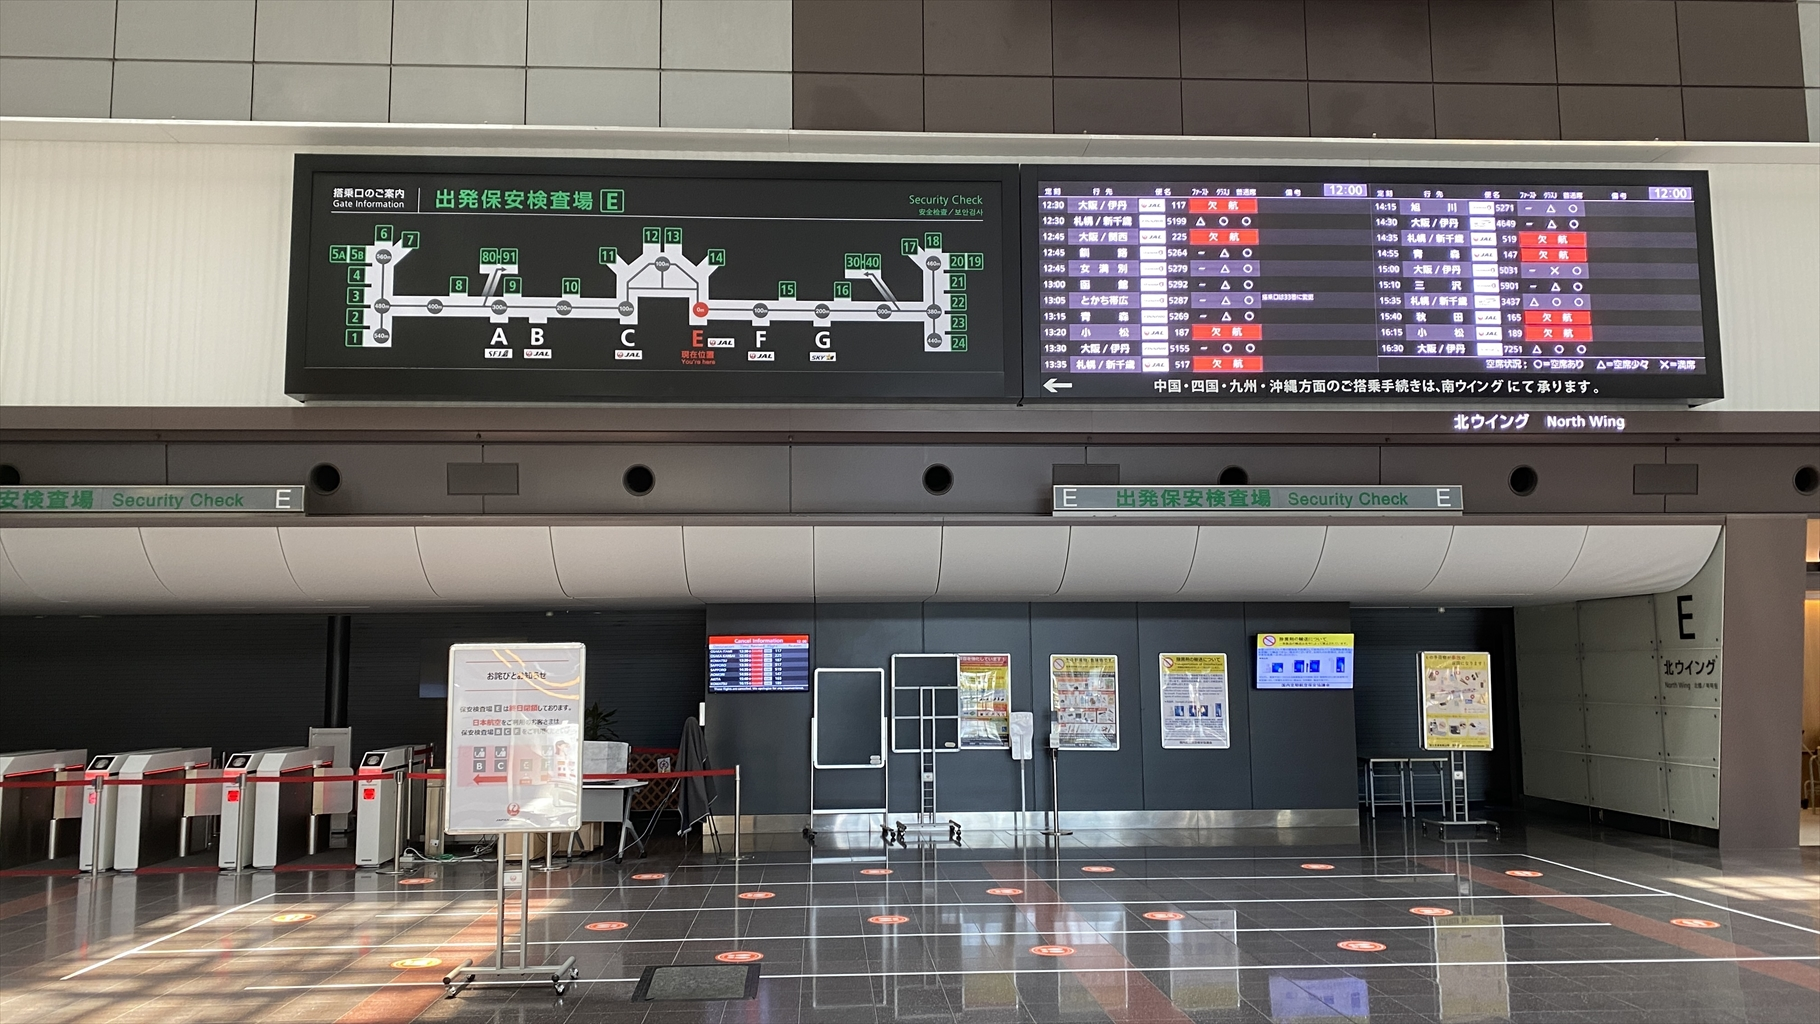 羽田空港 第一ターミナル 南ウィング JAL DIAMOND PREMIER LOUNGE 21年6月訪問